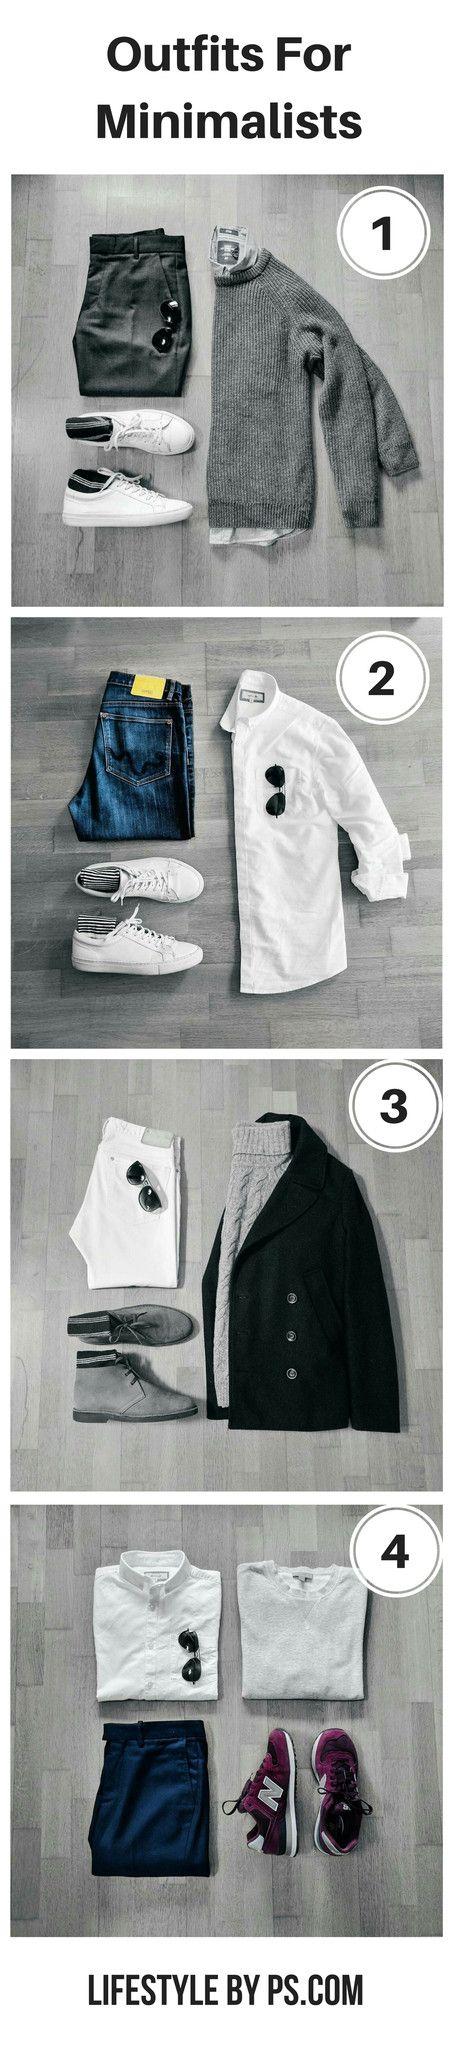 outfit grids for men #mens #fashion ...repinned für Gewinner!  - jetzt gratis Erfolgsratgeber sichern www.ratsucher.de